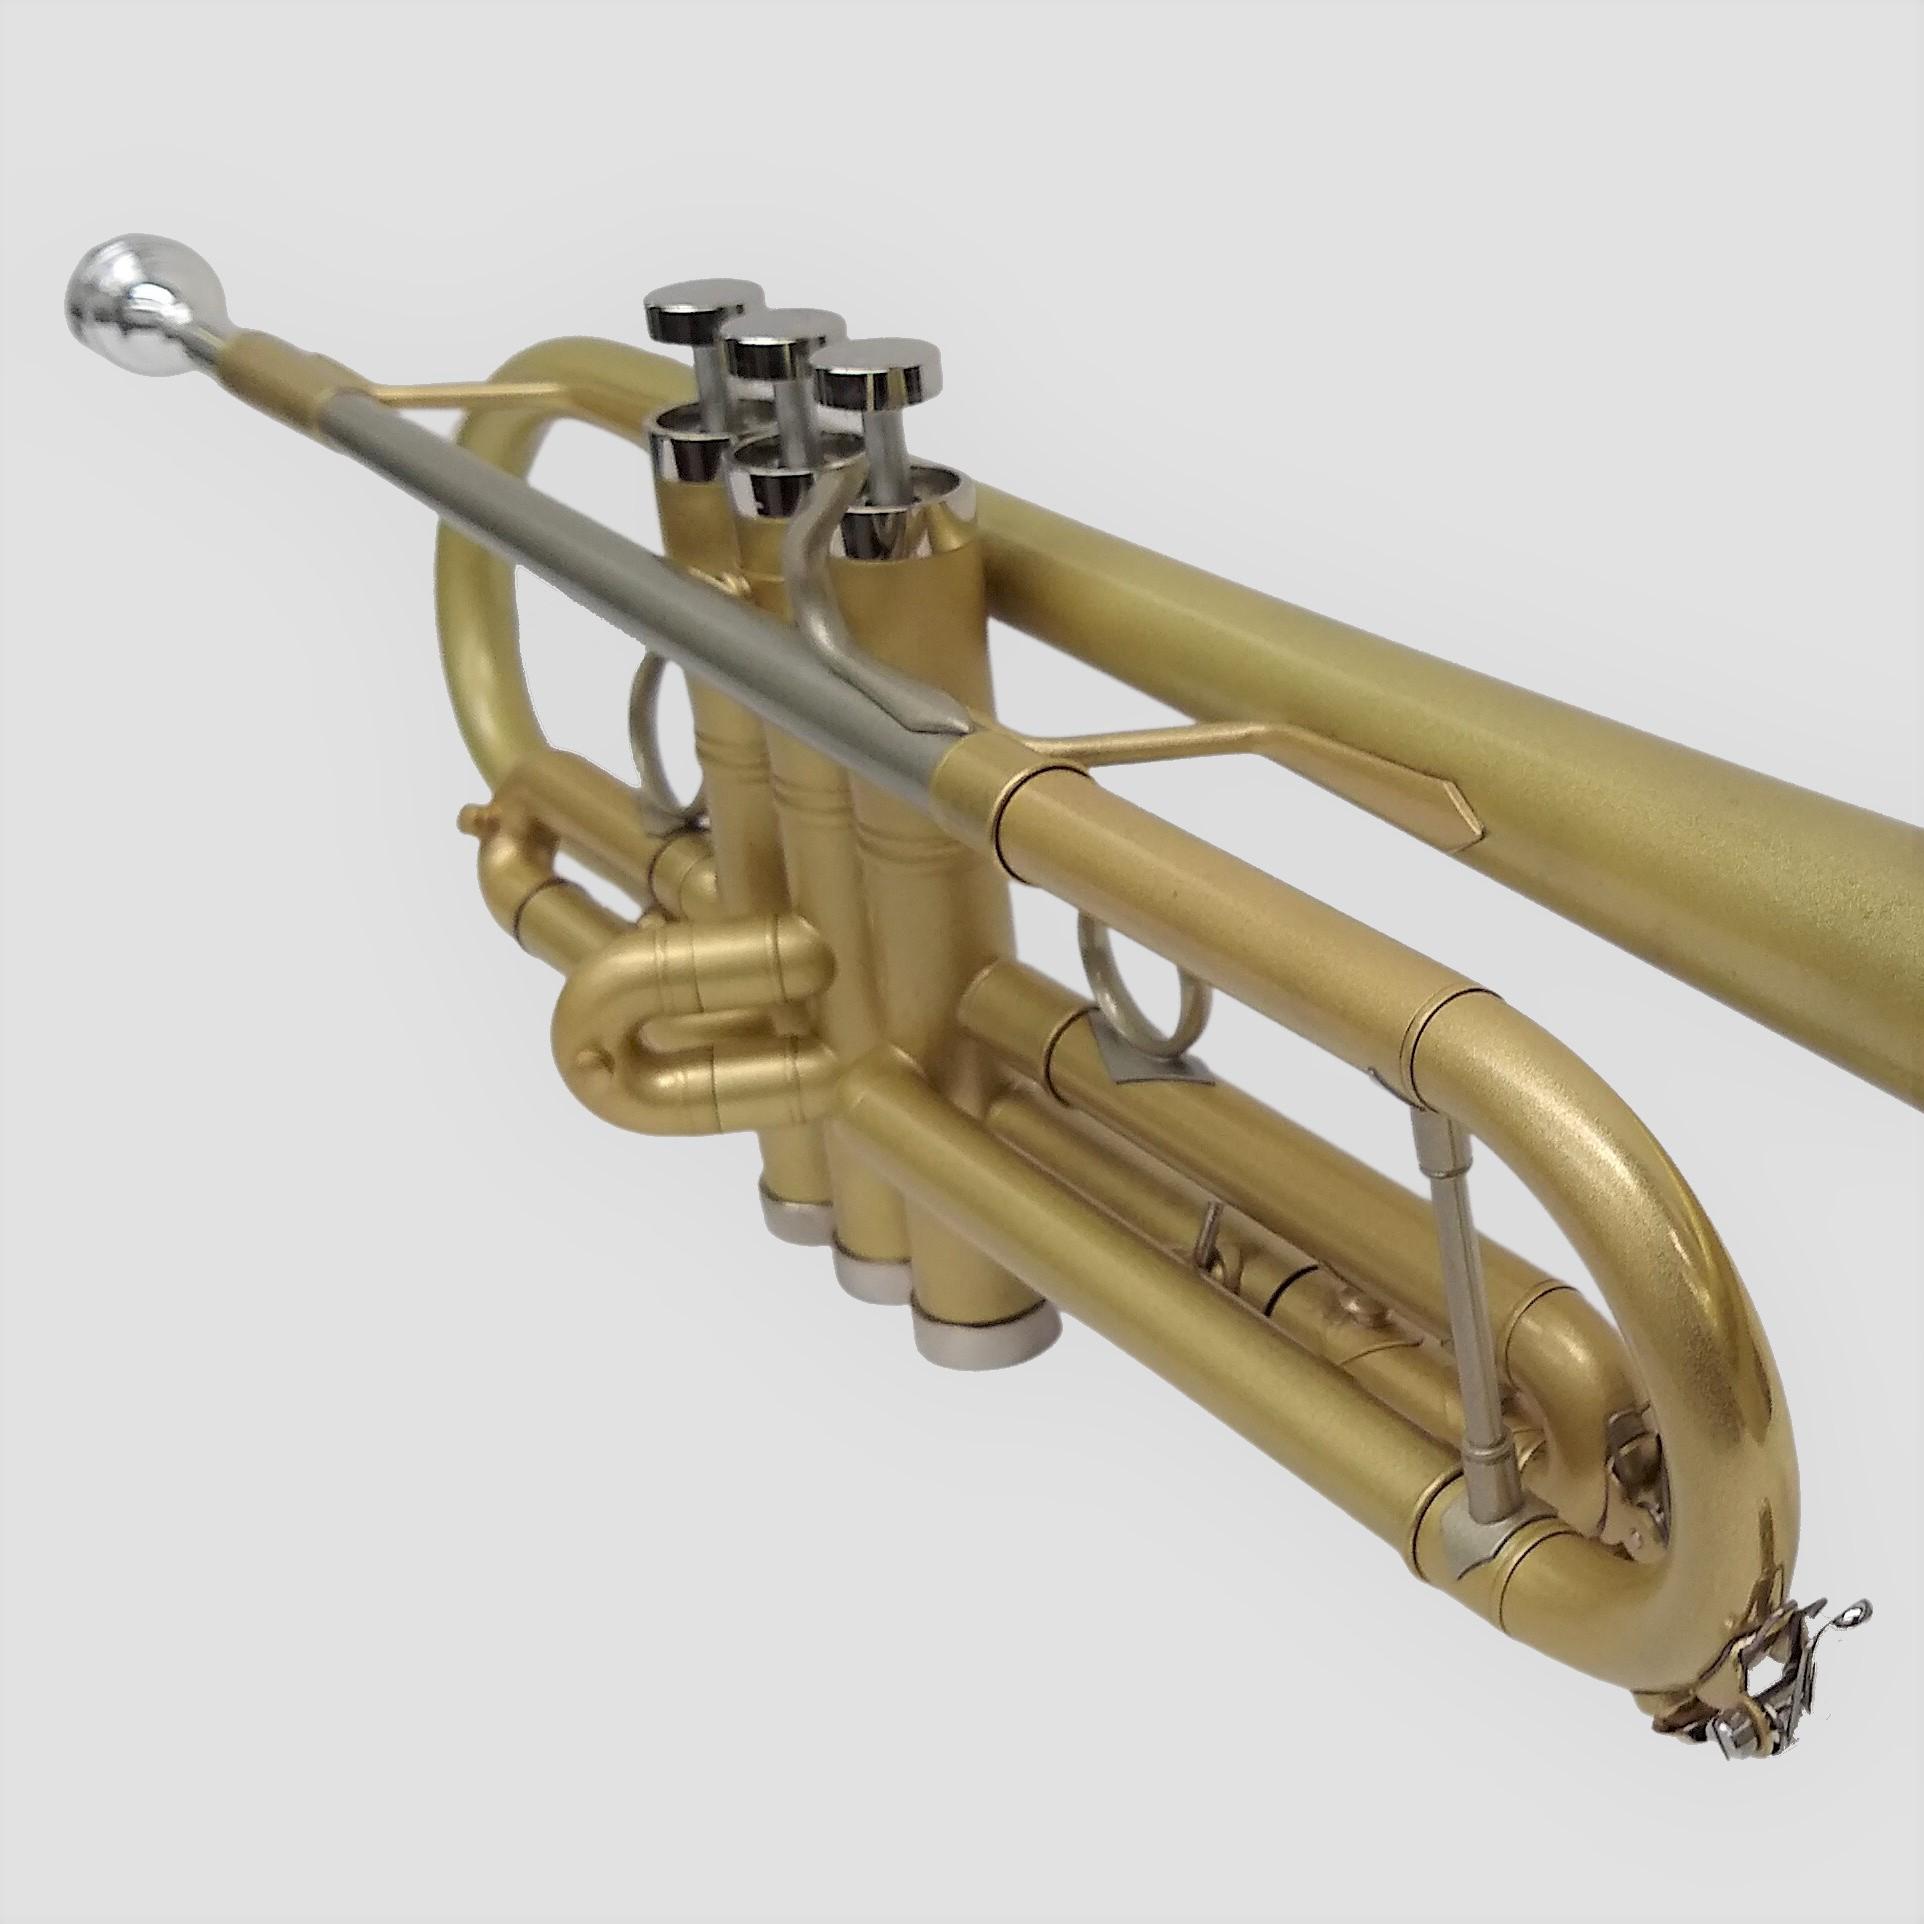 American Heritage 79 Vintage Trumpet